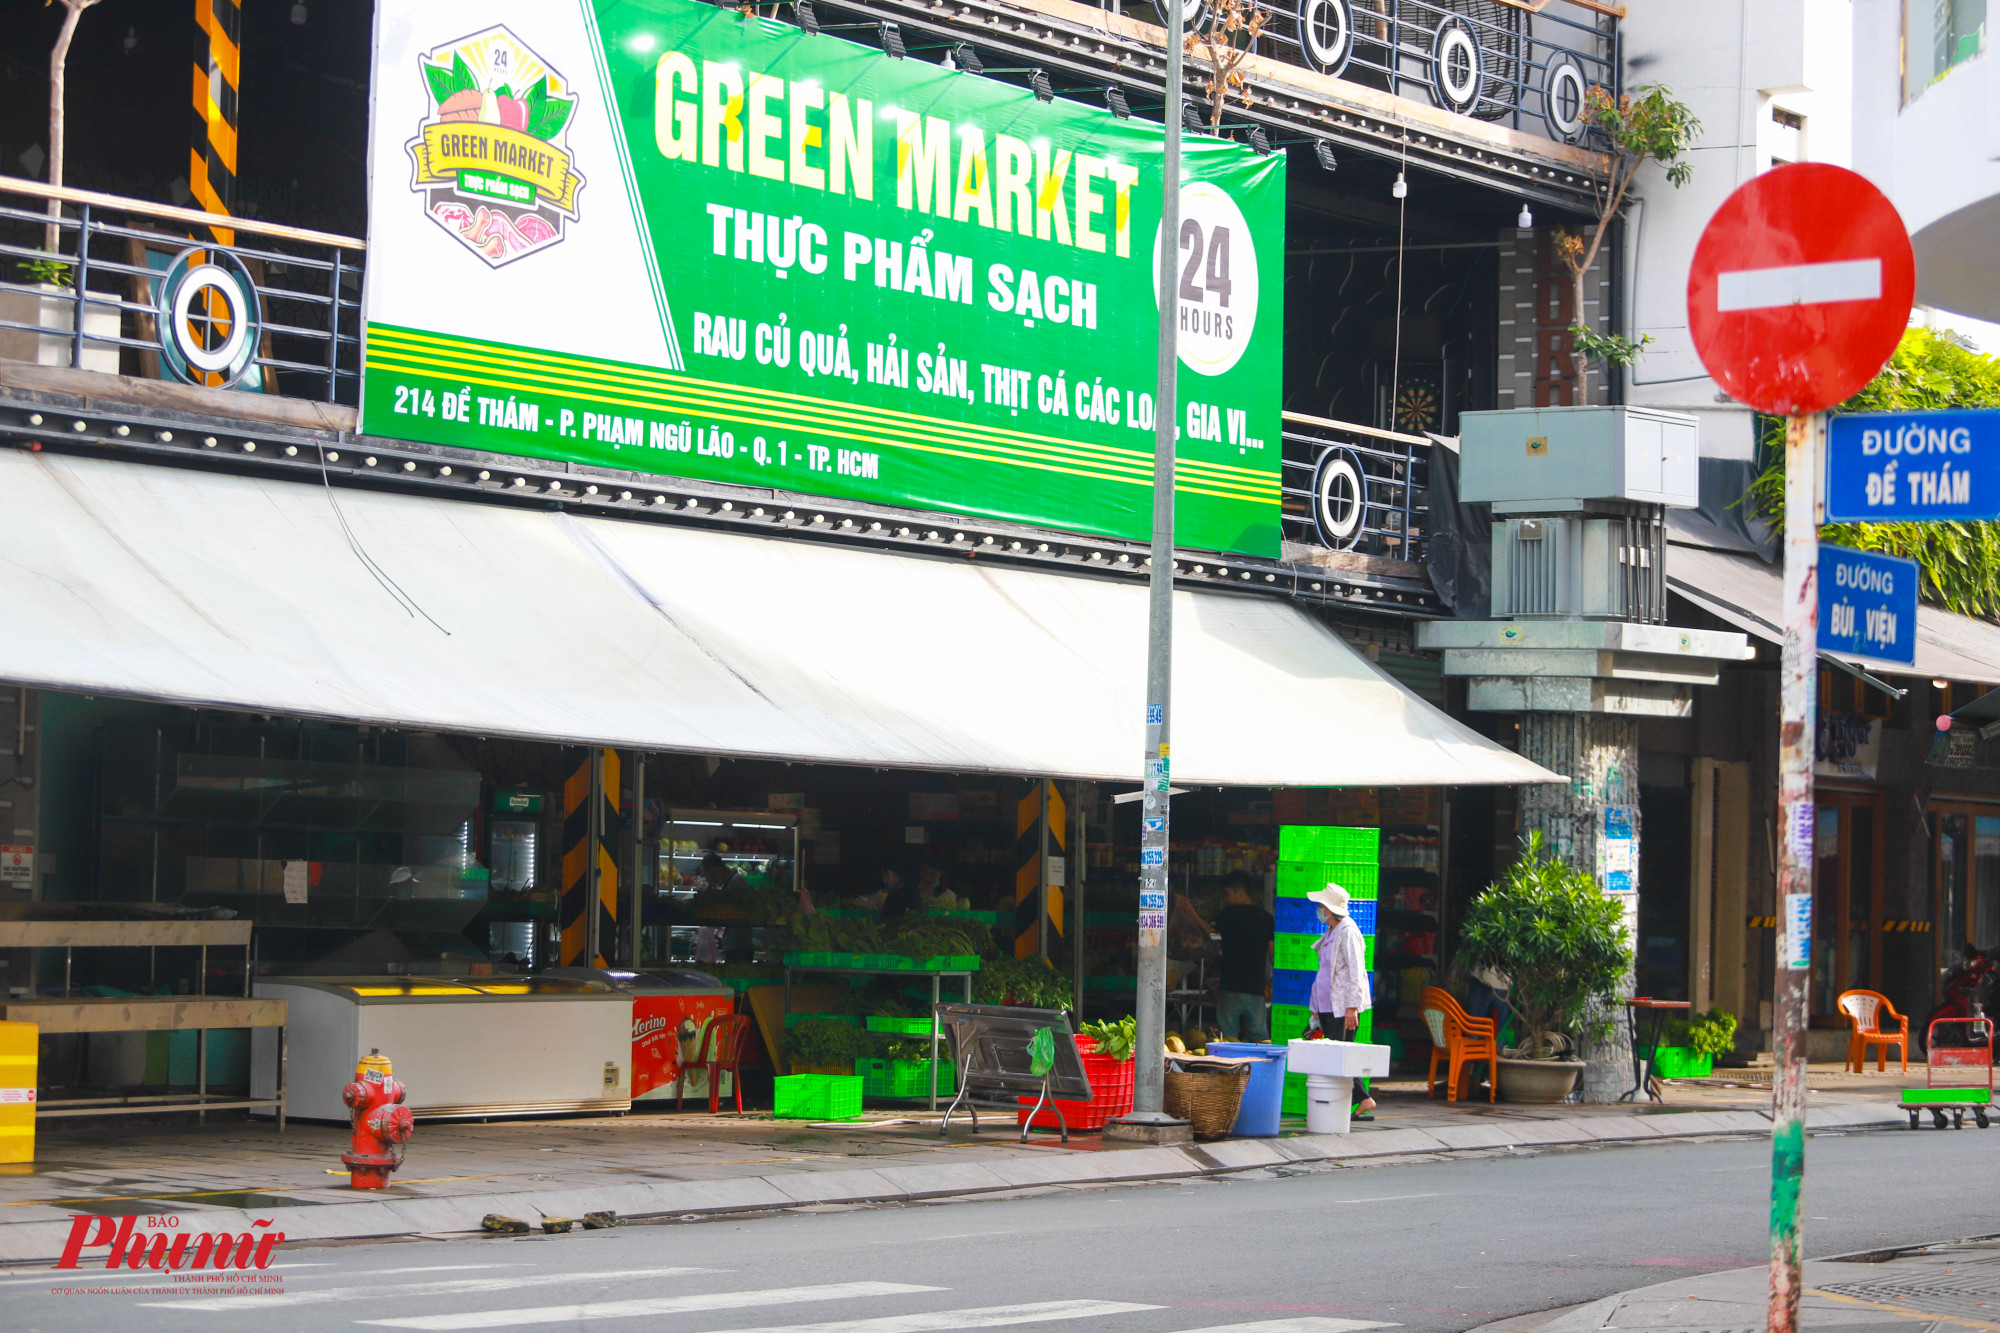 Một số quán ăn rên phố Tây Bùi Viện đã được thay các biển hiệu tam Các quán ăn t đã chuyển sang bán rau củ, hải sản.